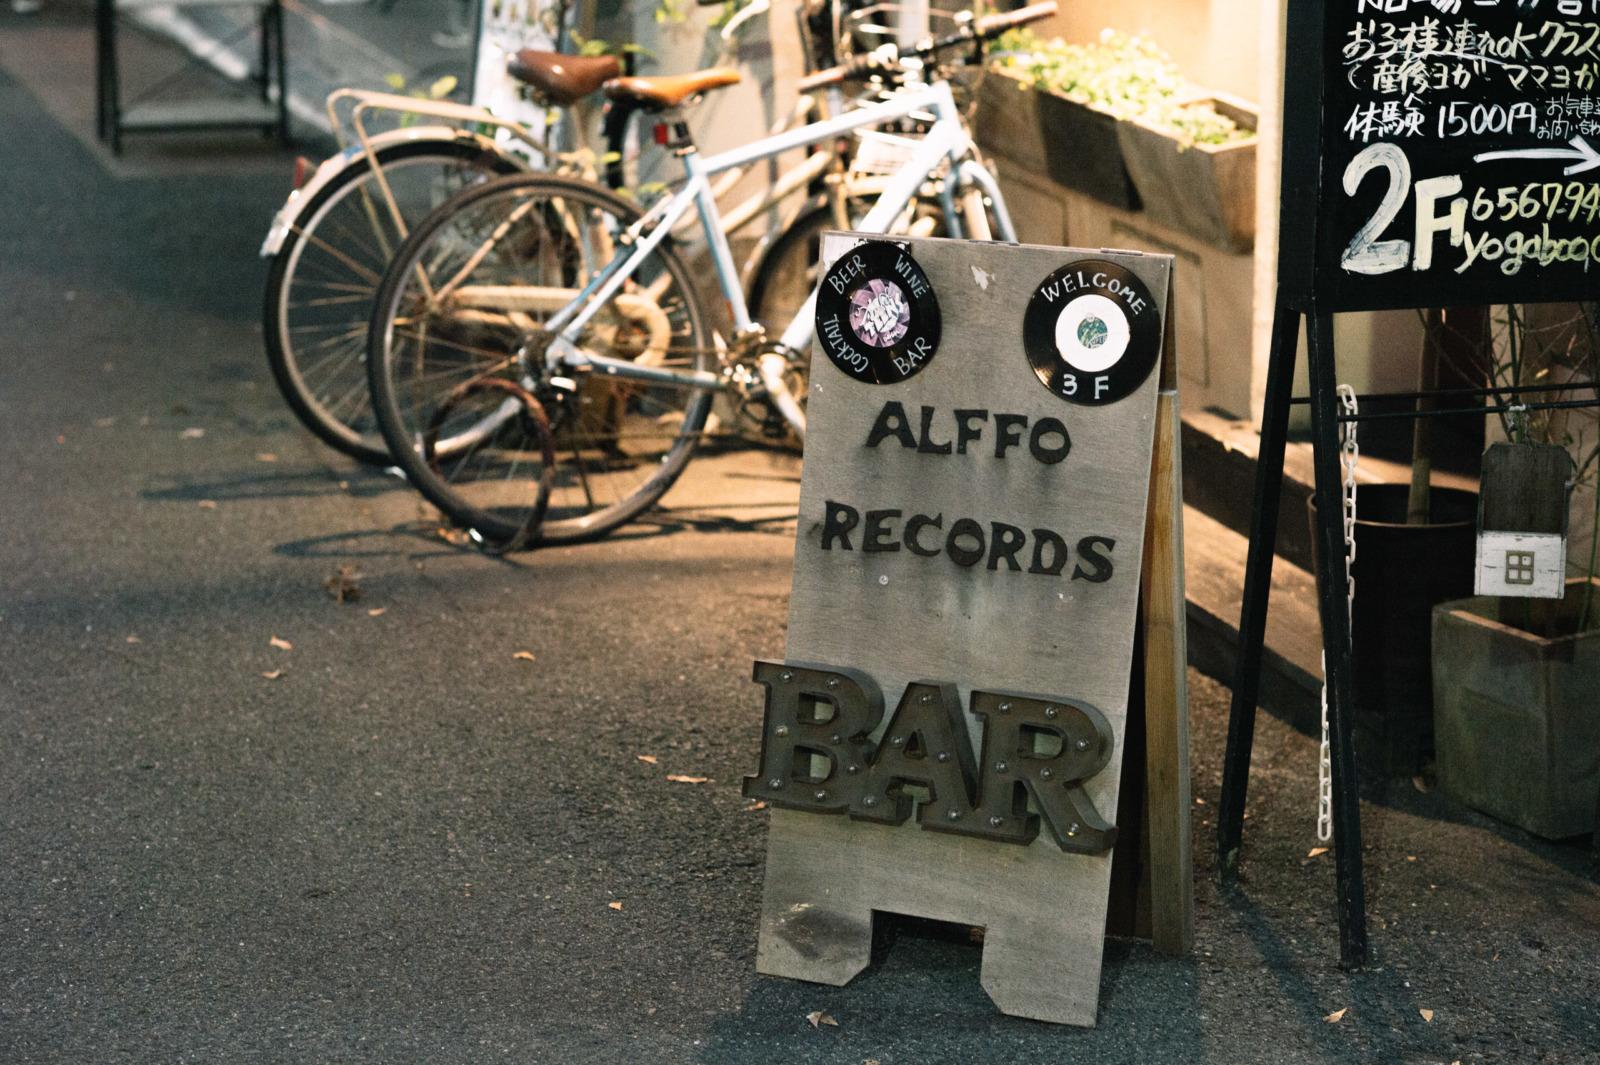 Alffo Records